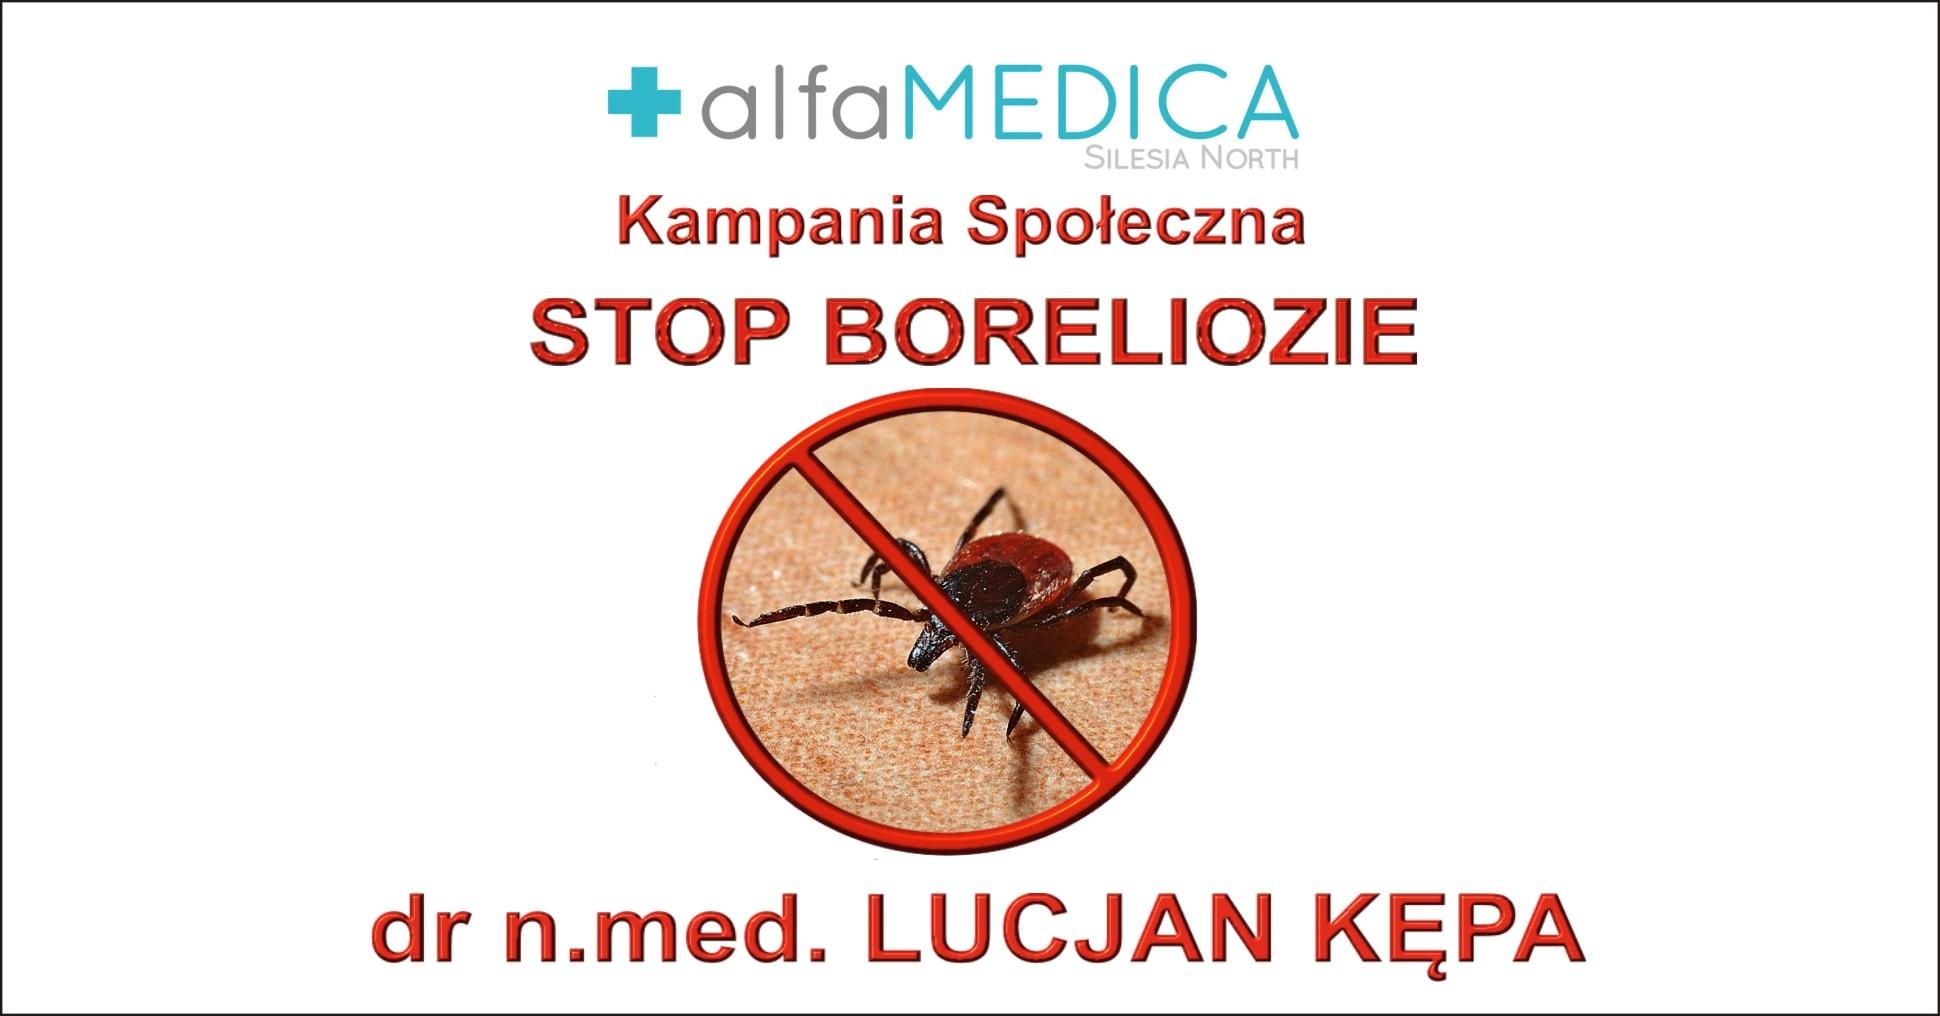 borelioza, dr Kępa, choroby zakaźne, kleszcze